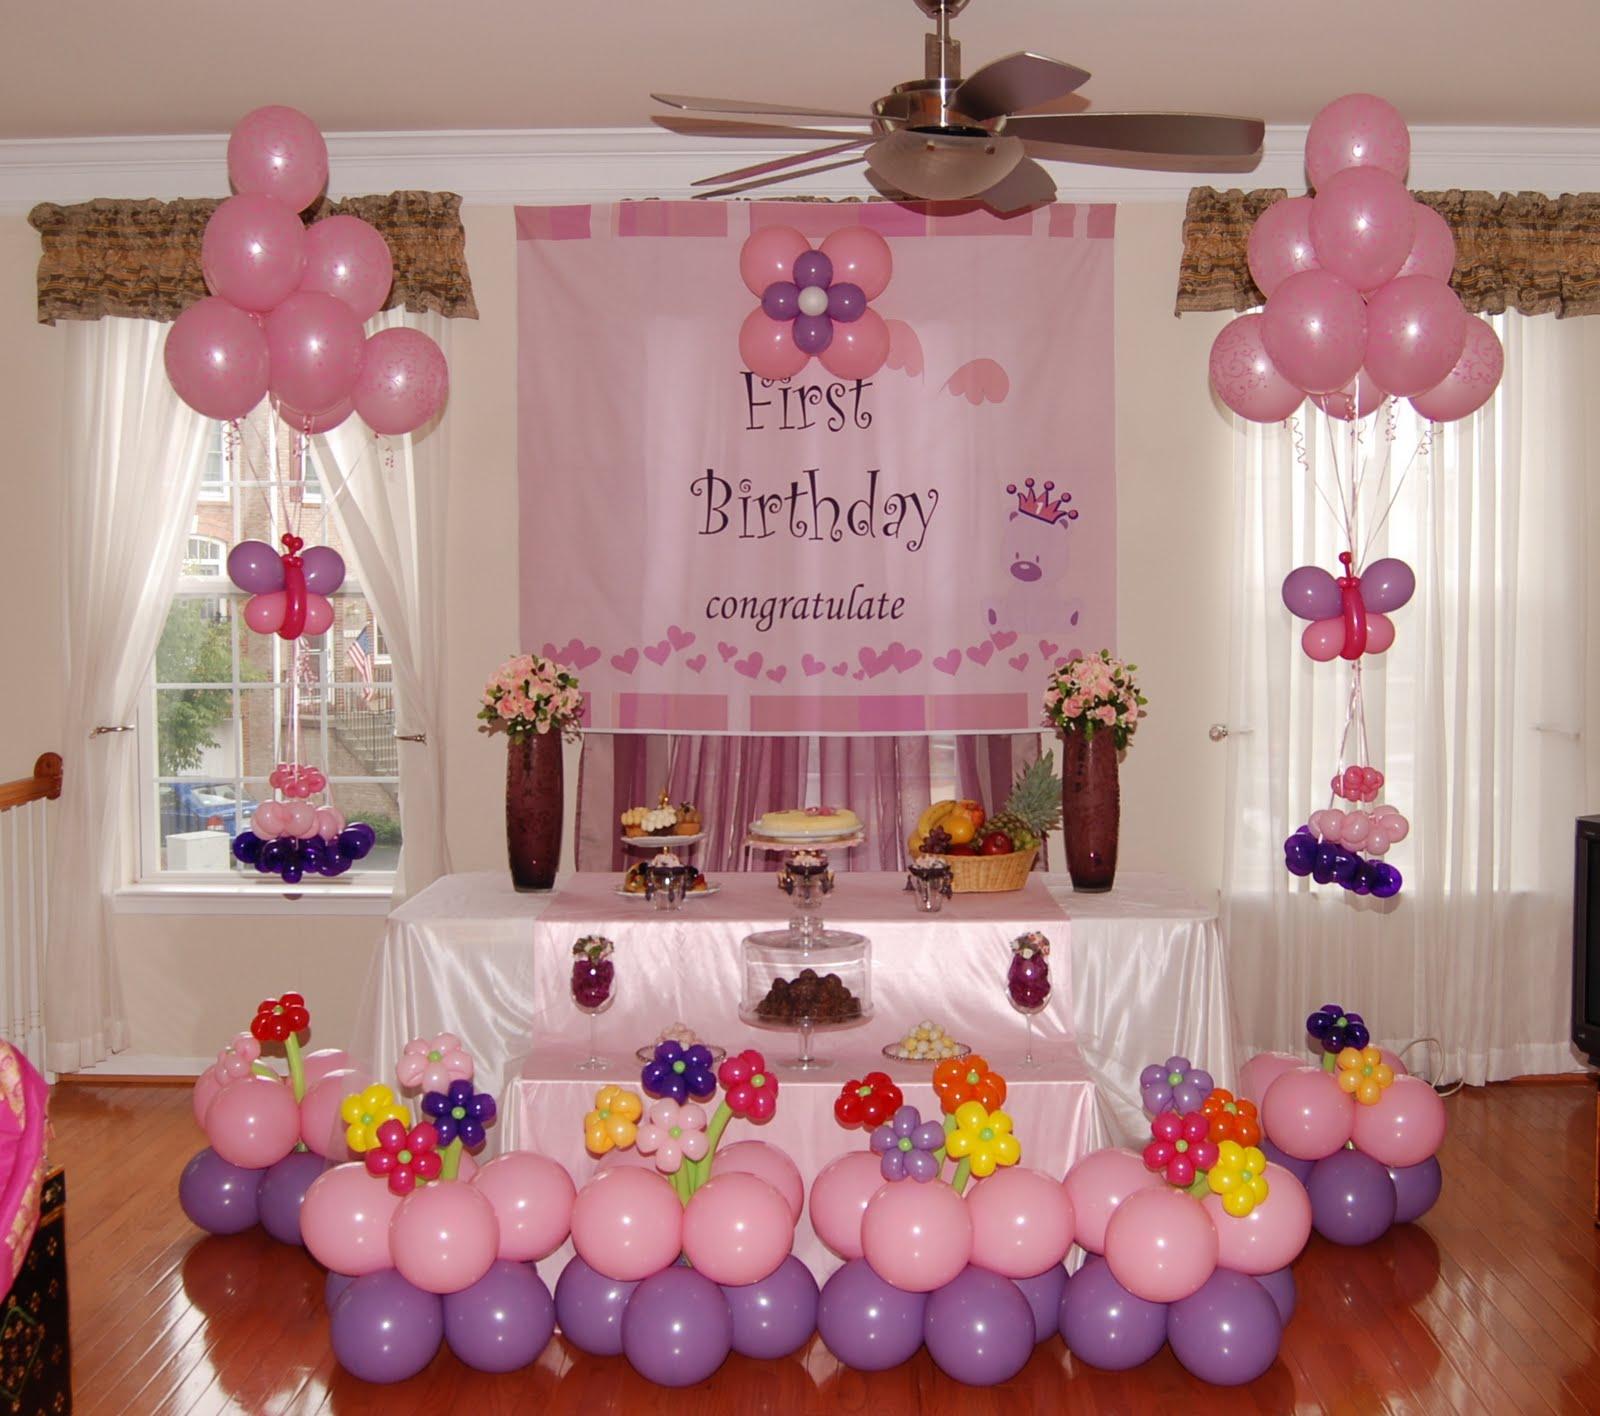 Украсить комнату на день рождения дочери своими руками